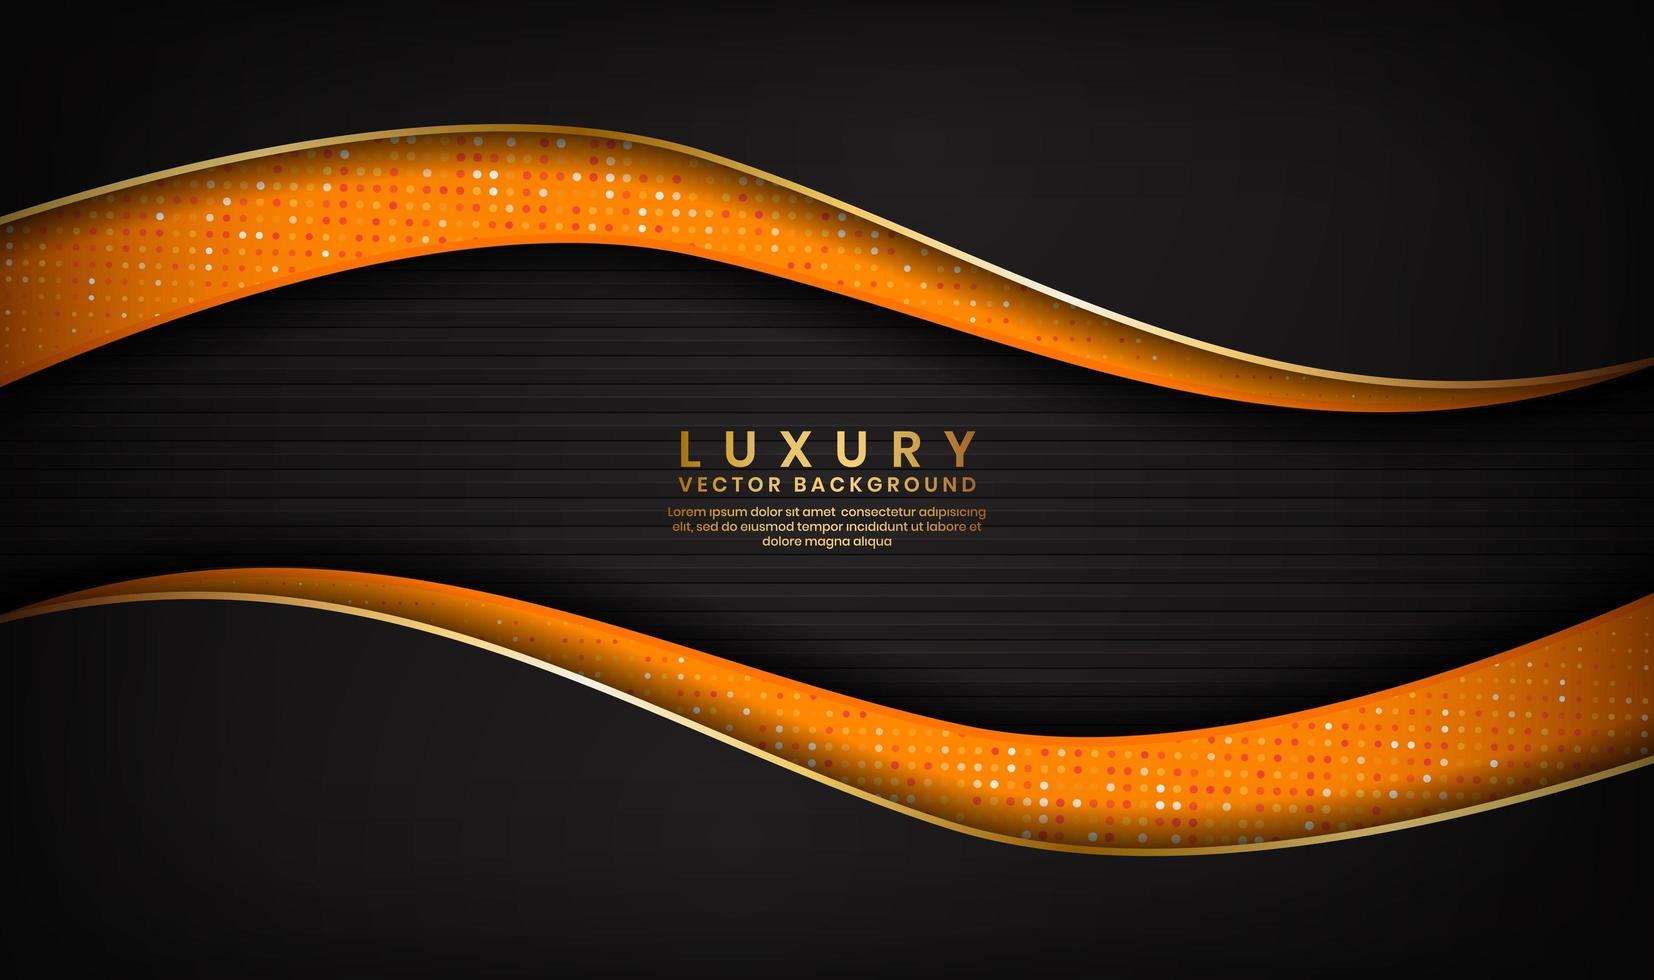 abstracte luxe zwarte en oranje achtergrond met gouden lijnen in golfontwerp vector